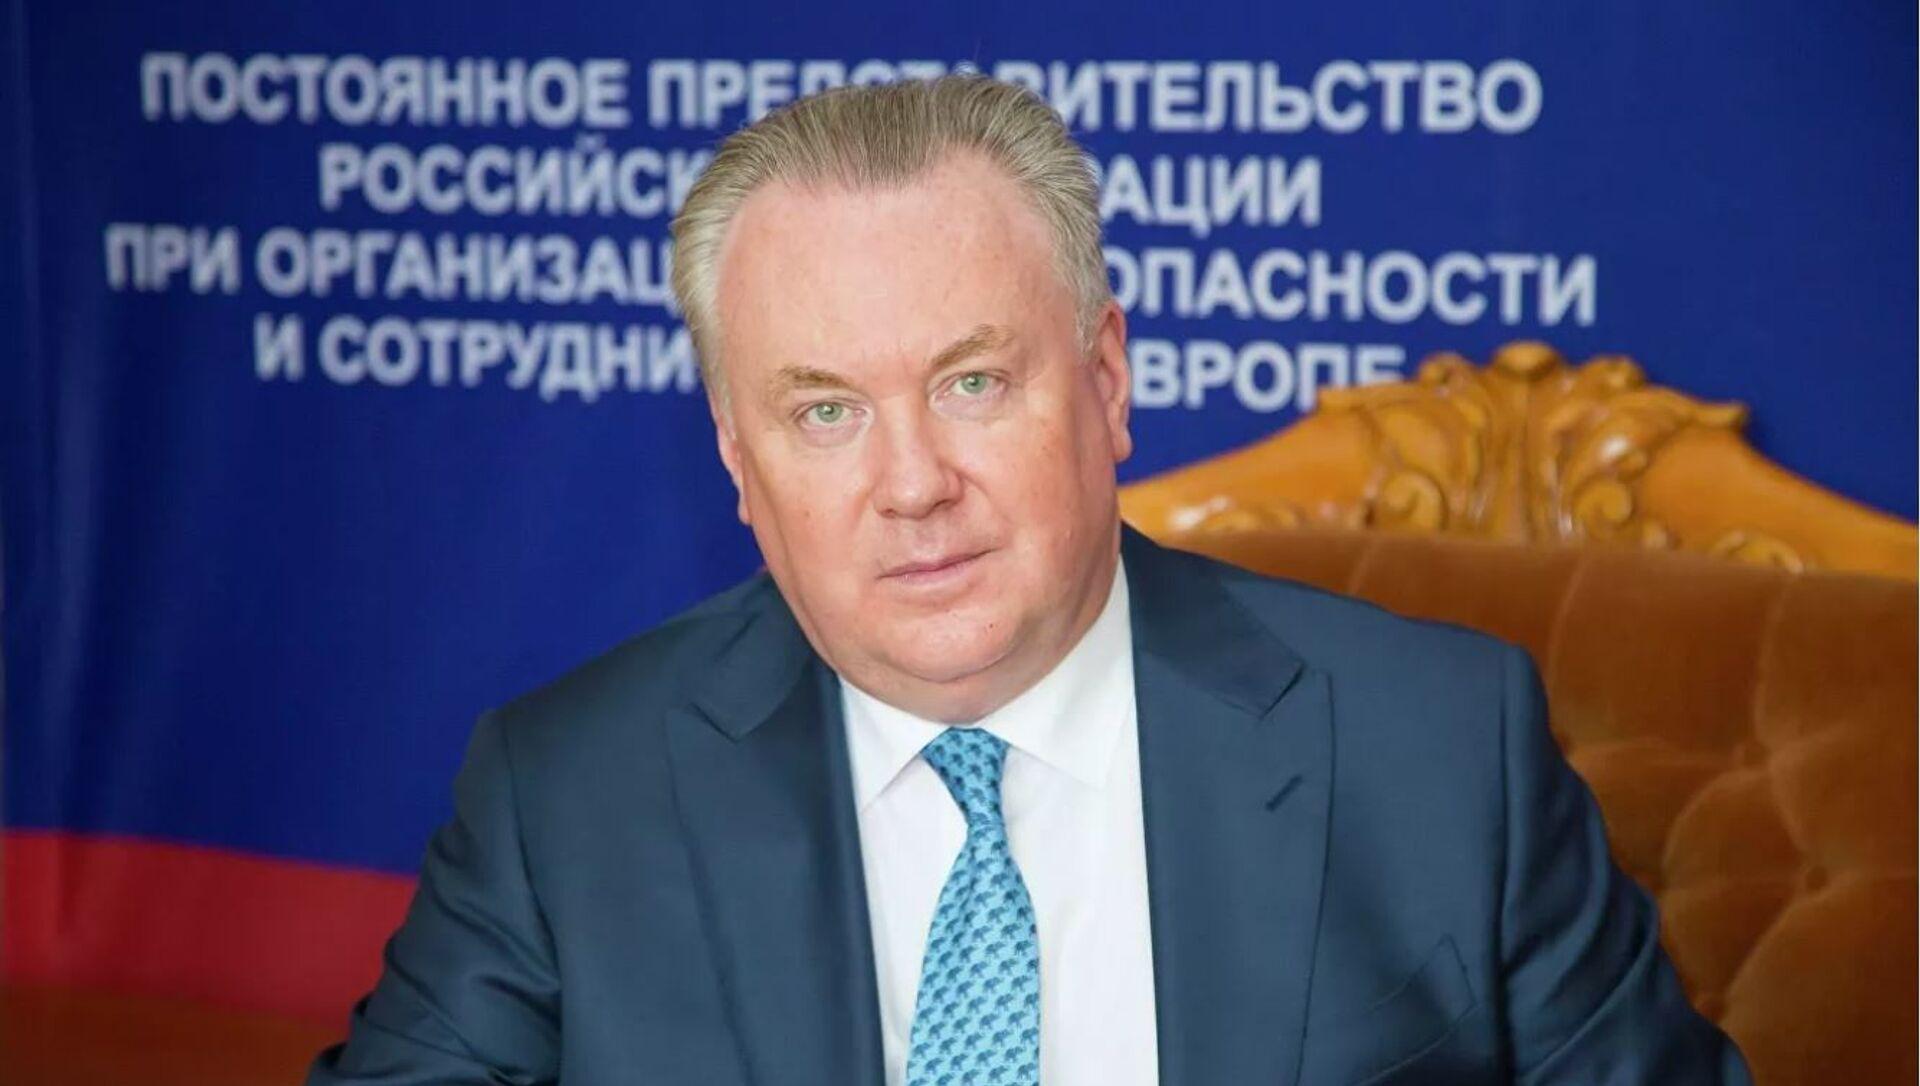 Постоянный представитель РФ при ОБСЕ Александр Лукашевич - Sputnik Латвия, 1920, 10.02.2021